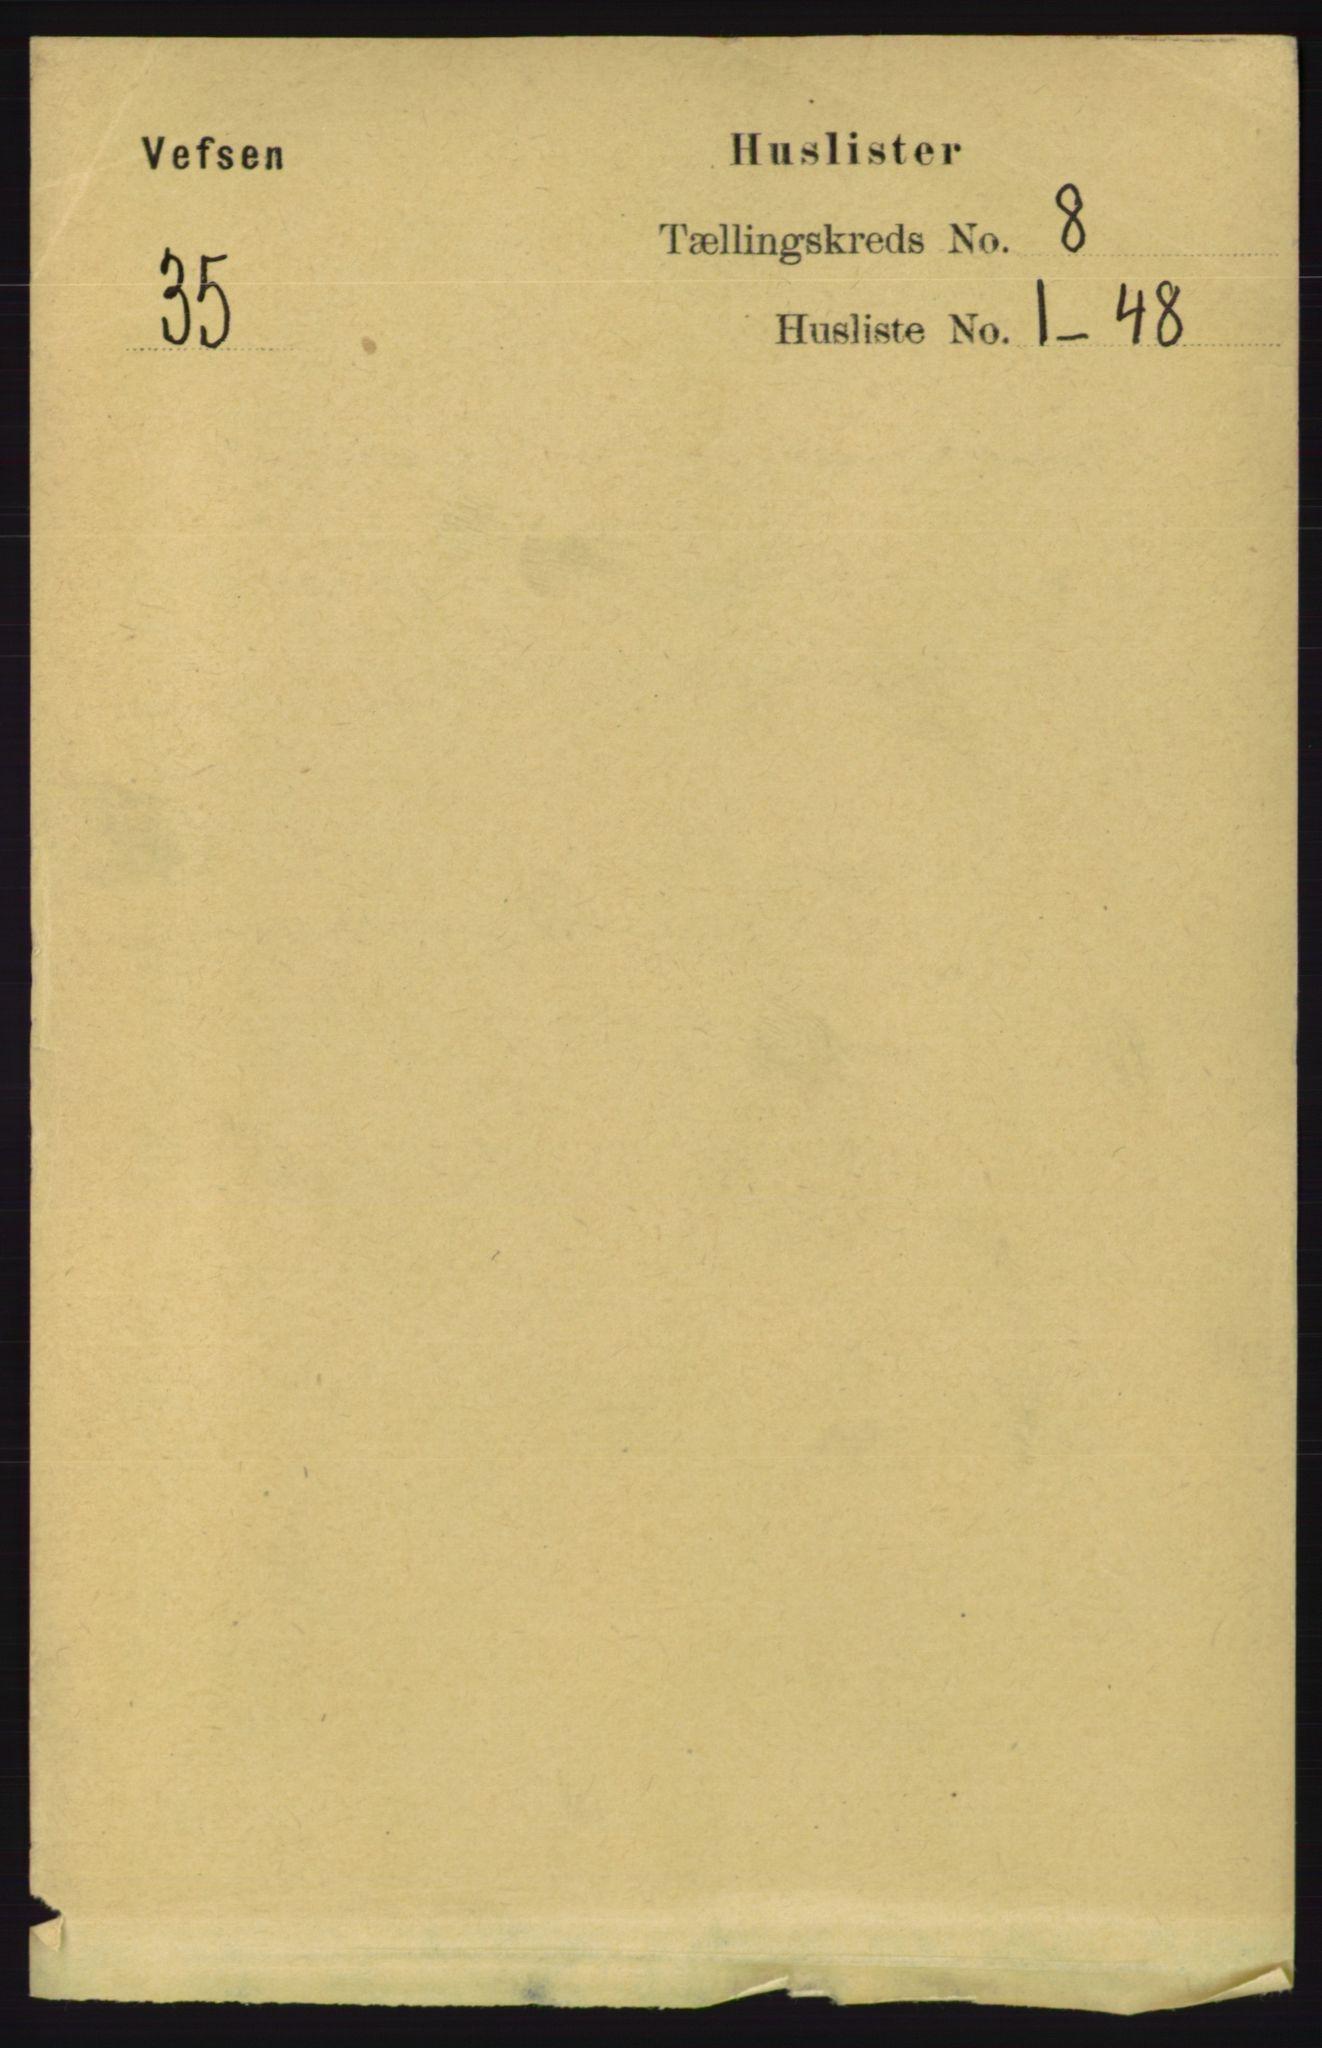 RA, Folketelling 1891 for 1824 Vefsn herred, 1891, s. 4185